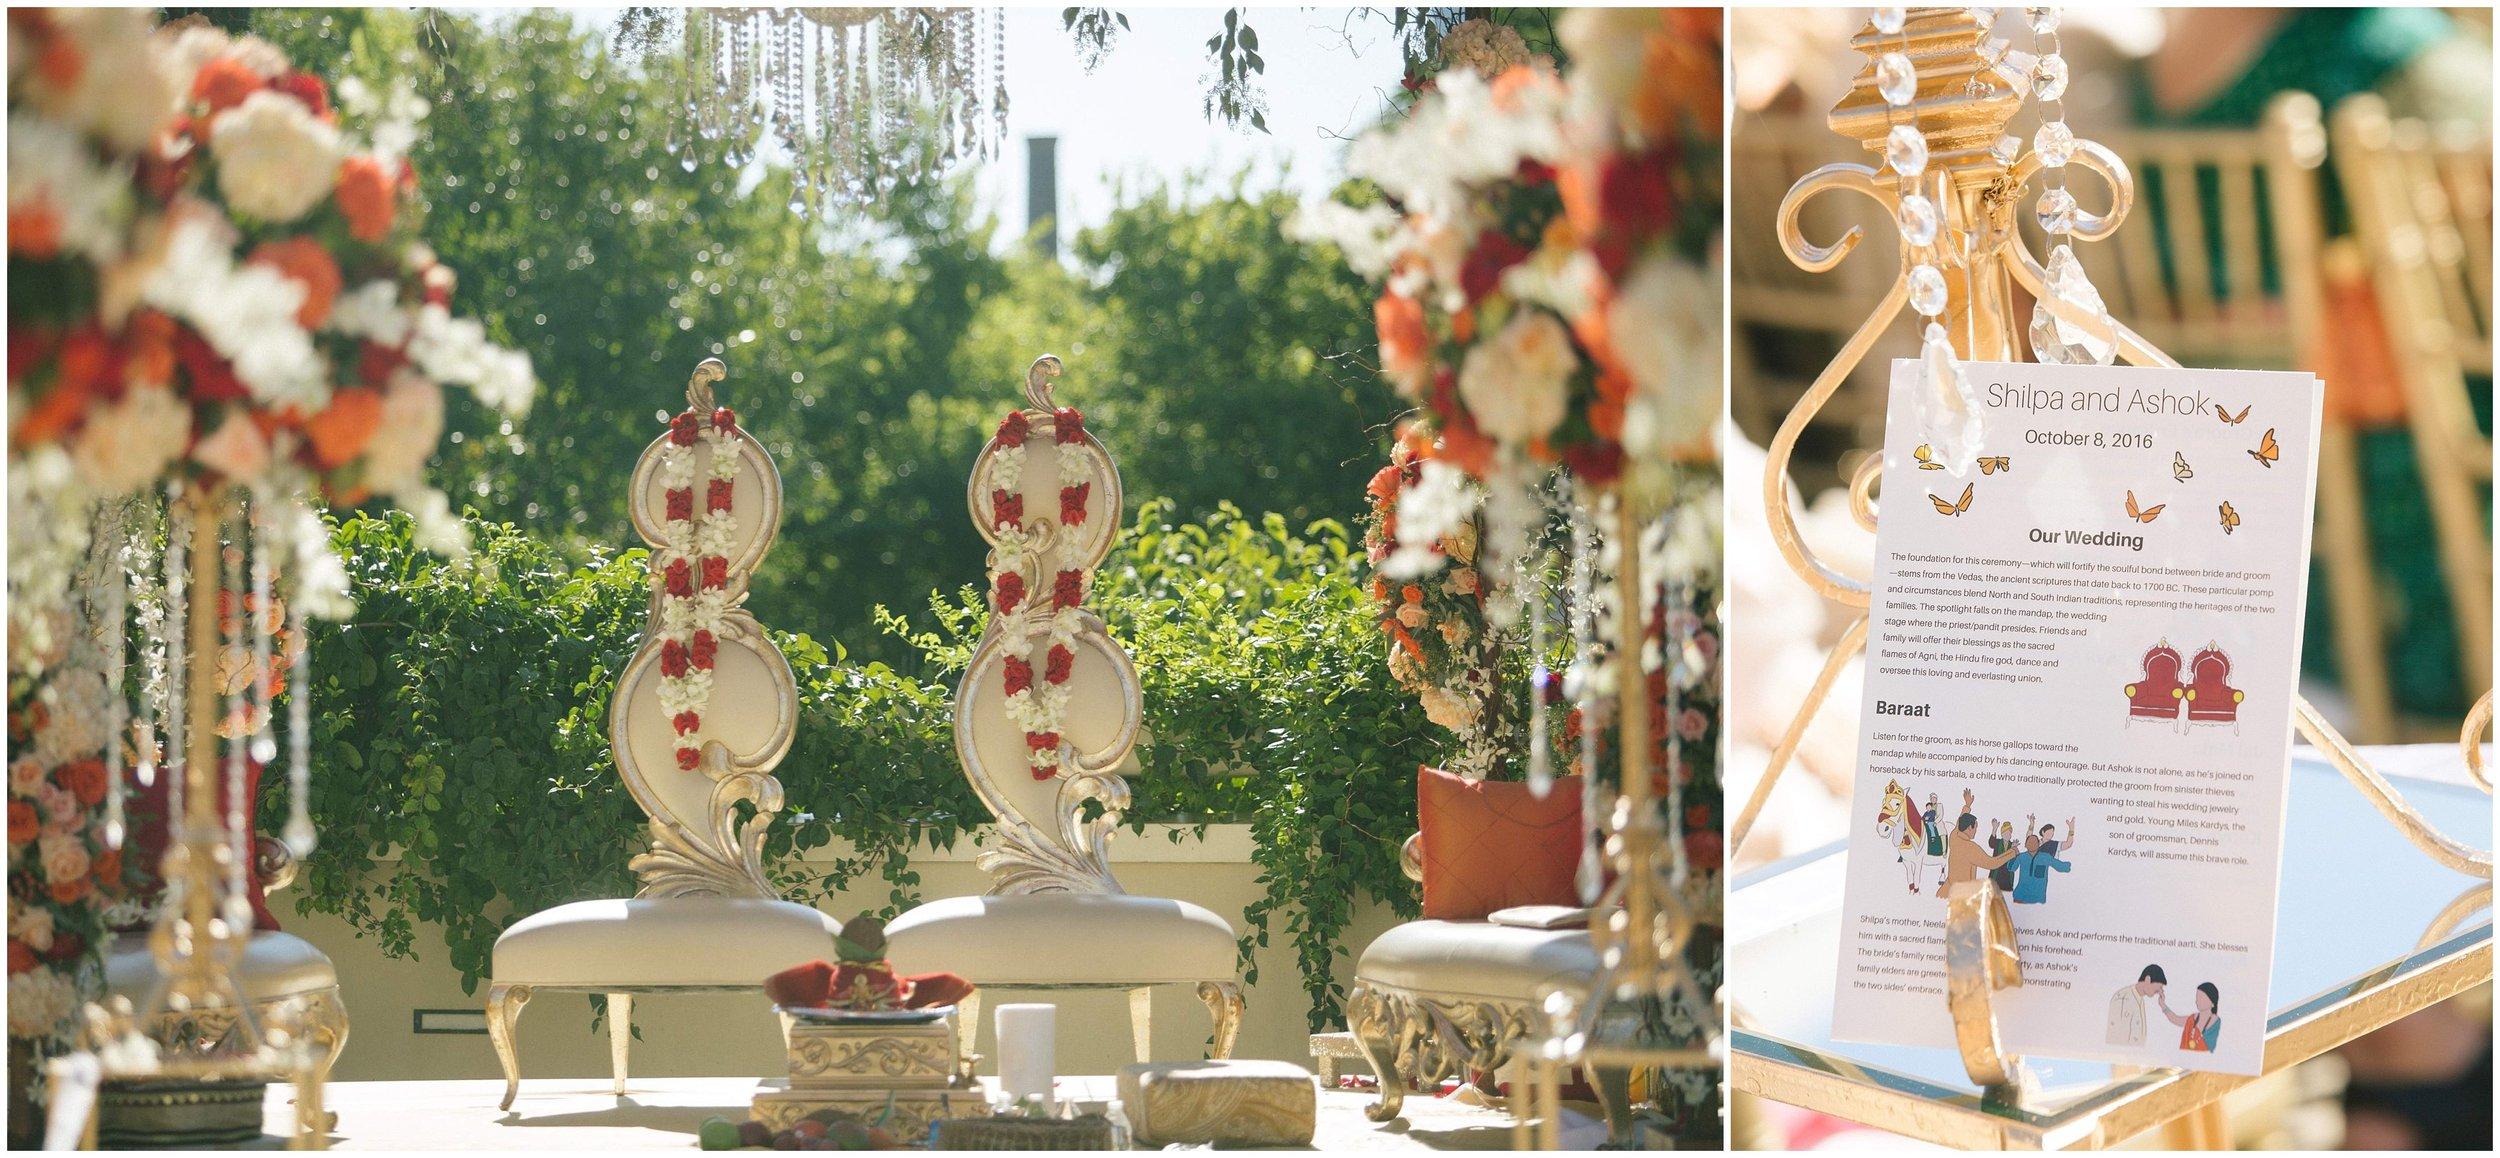 LeCapeWeddings_Shilpa_and_Ashok_2-468_LuxuryDestinationPhotographer.jpg